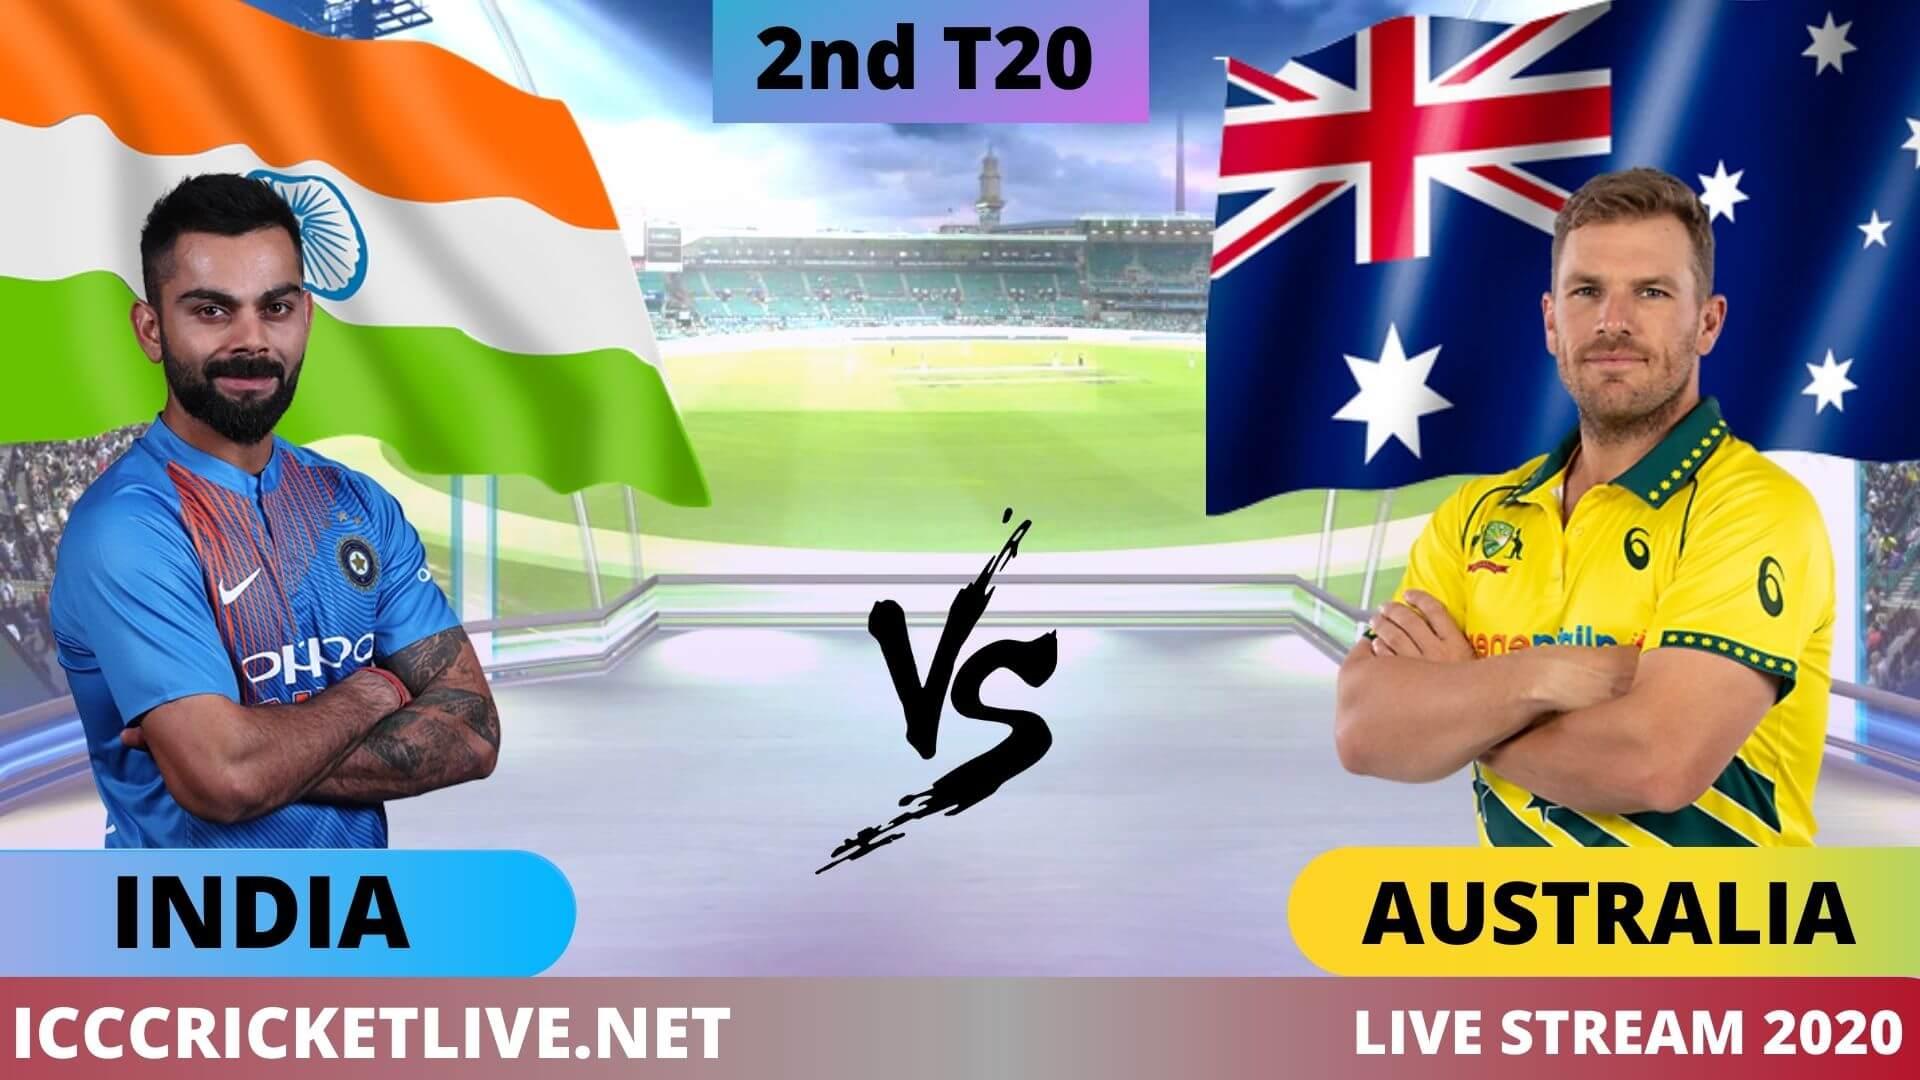 India Vs Australia Live Stream 2020 | 2nd T20I